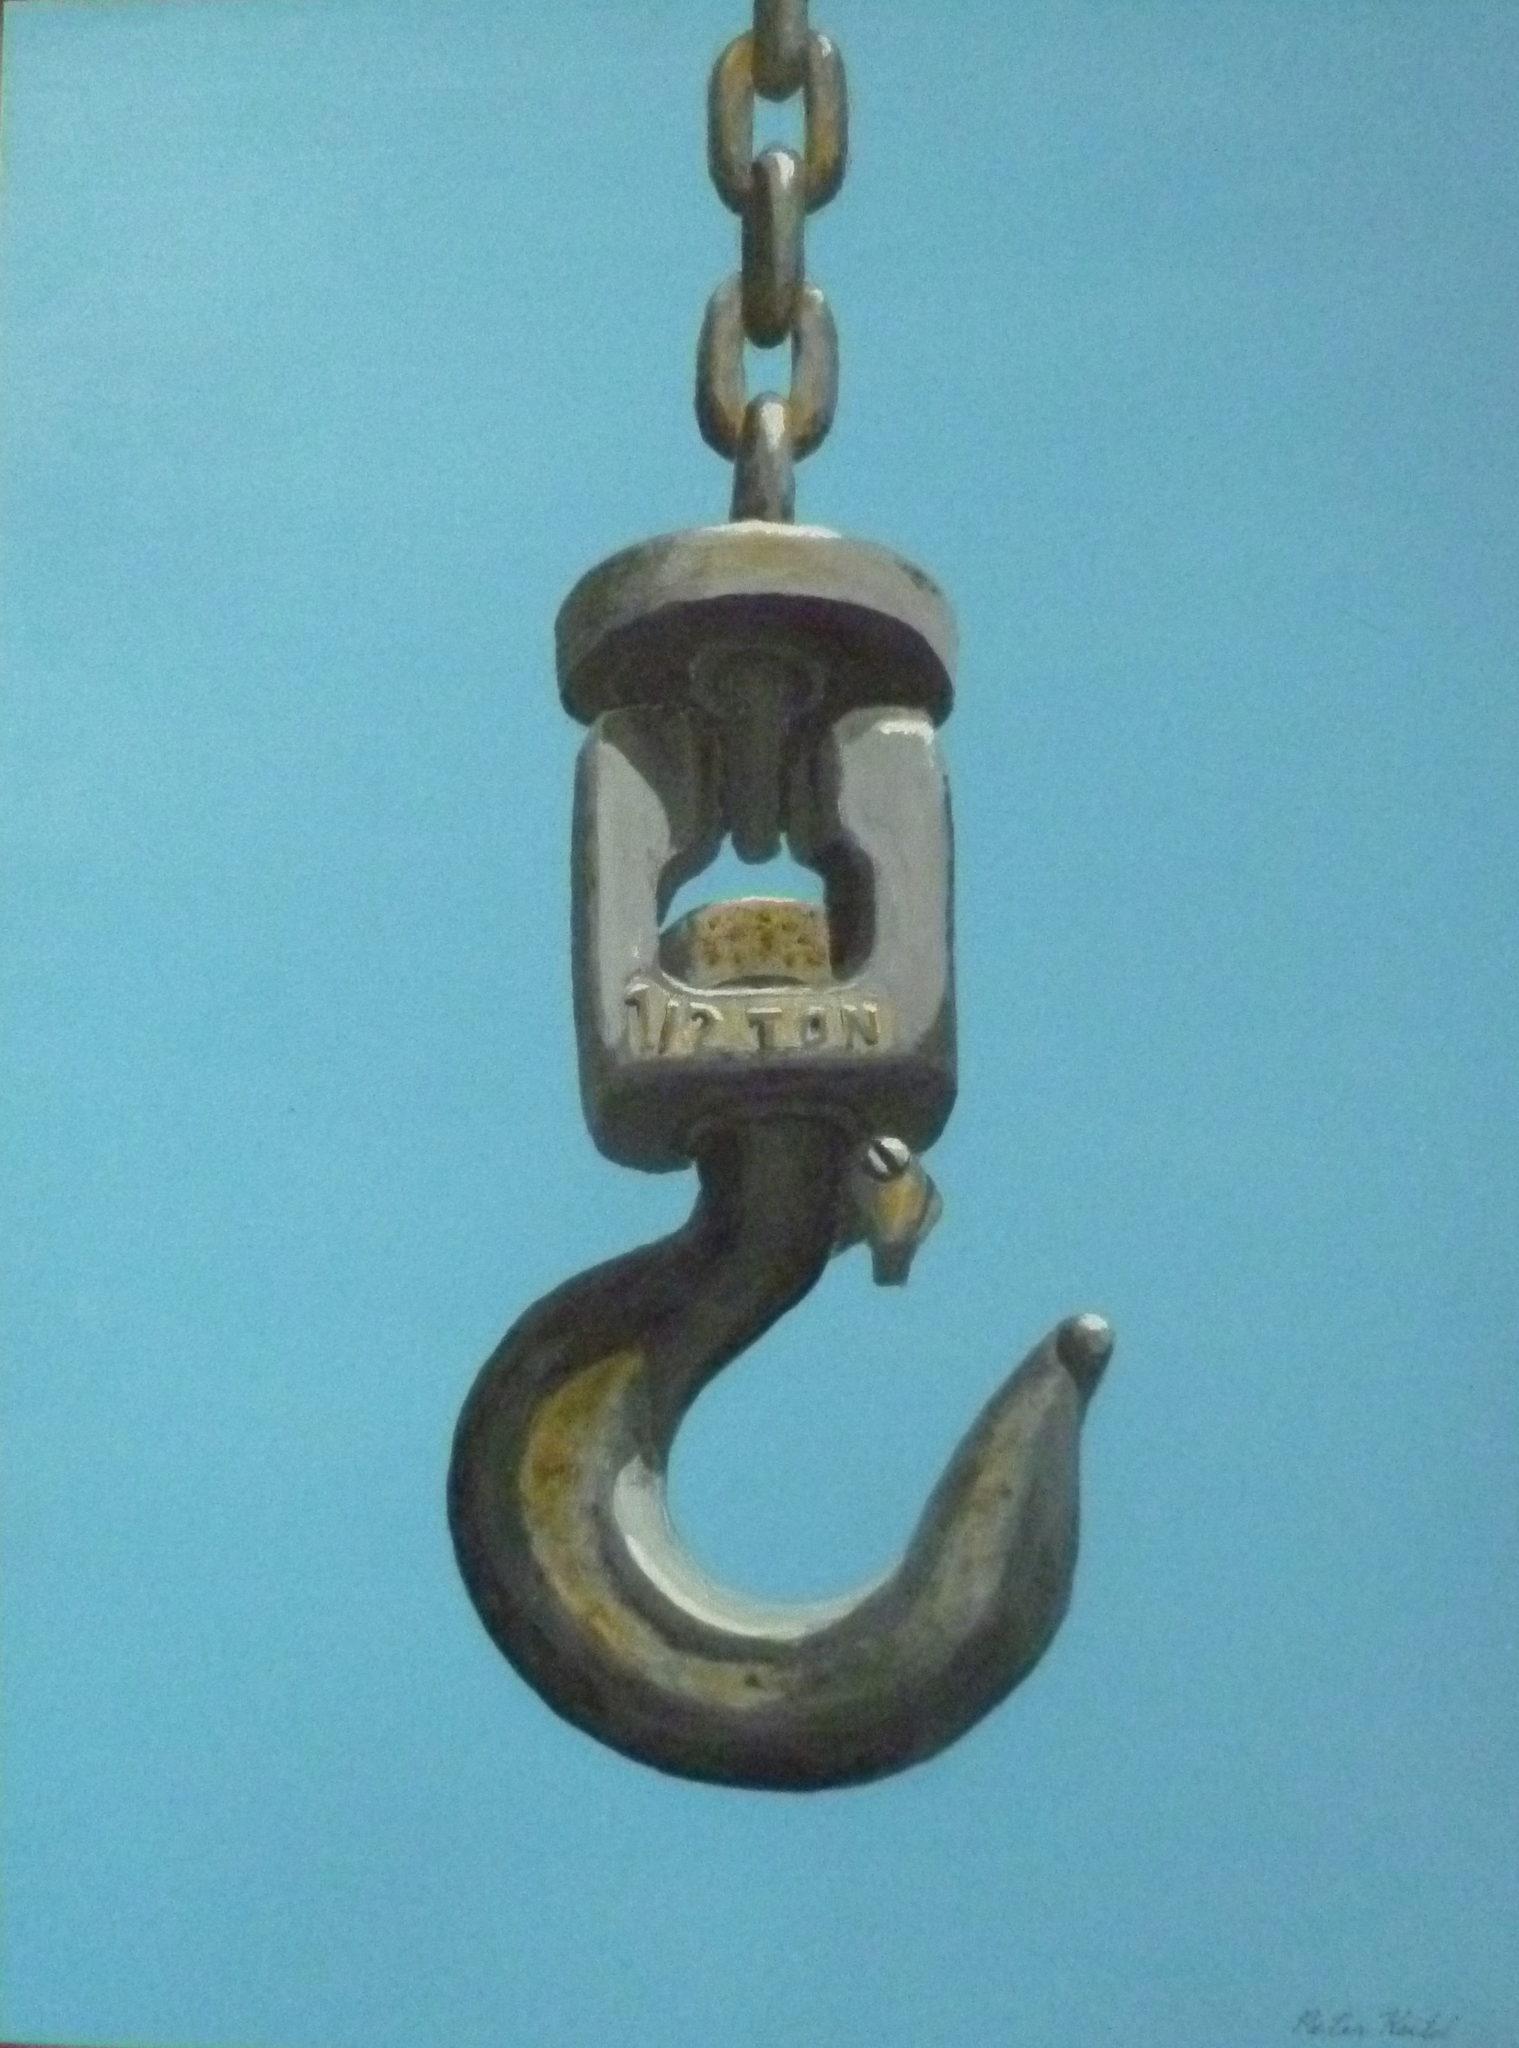 Keitel, Peter - The Hook